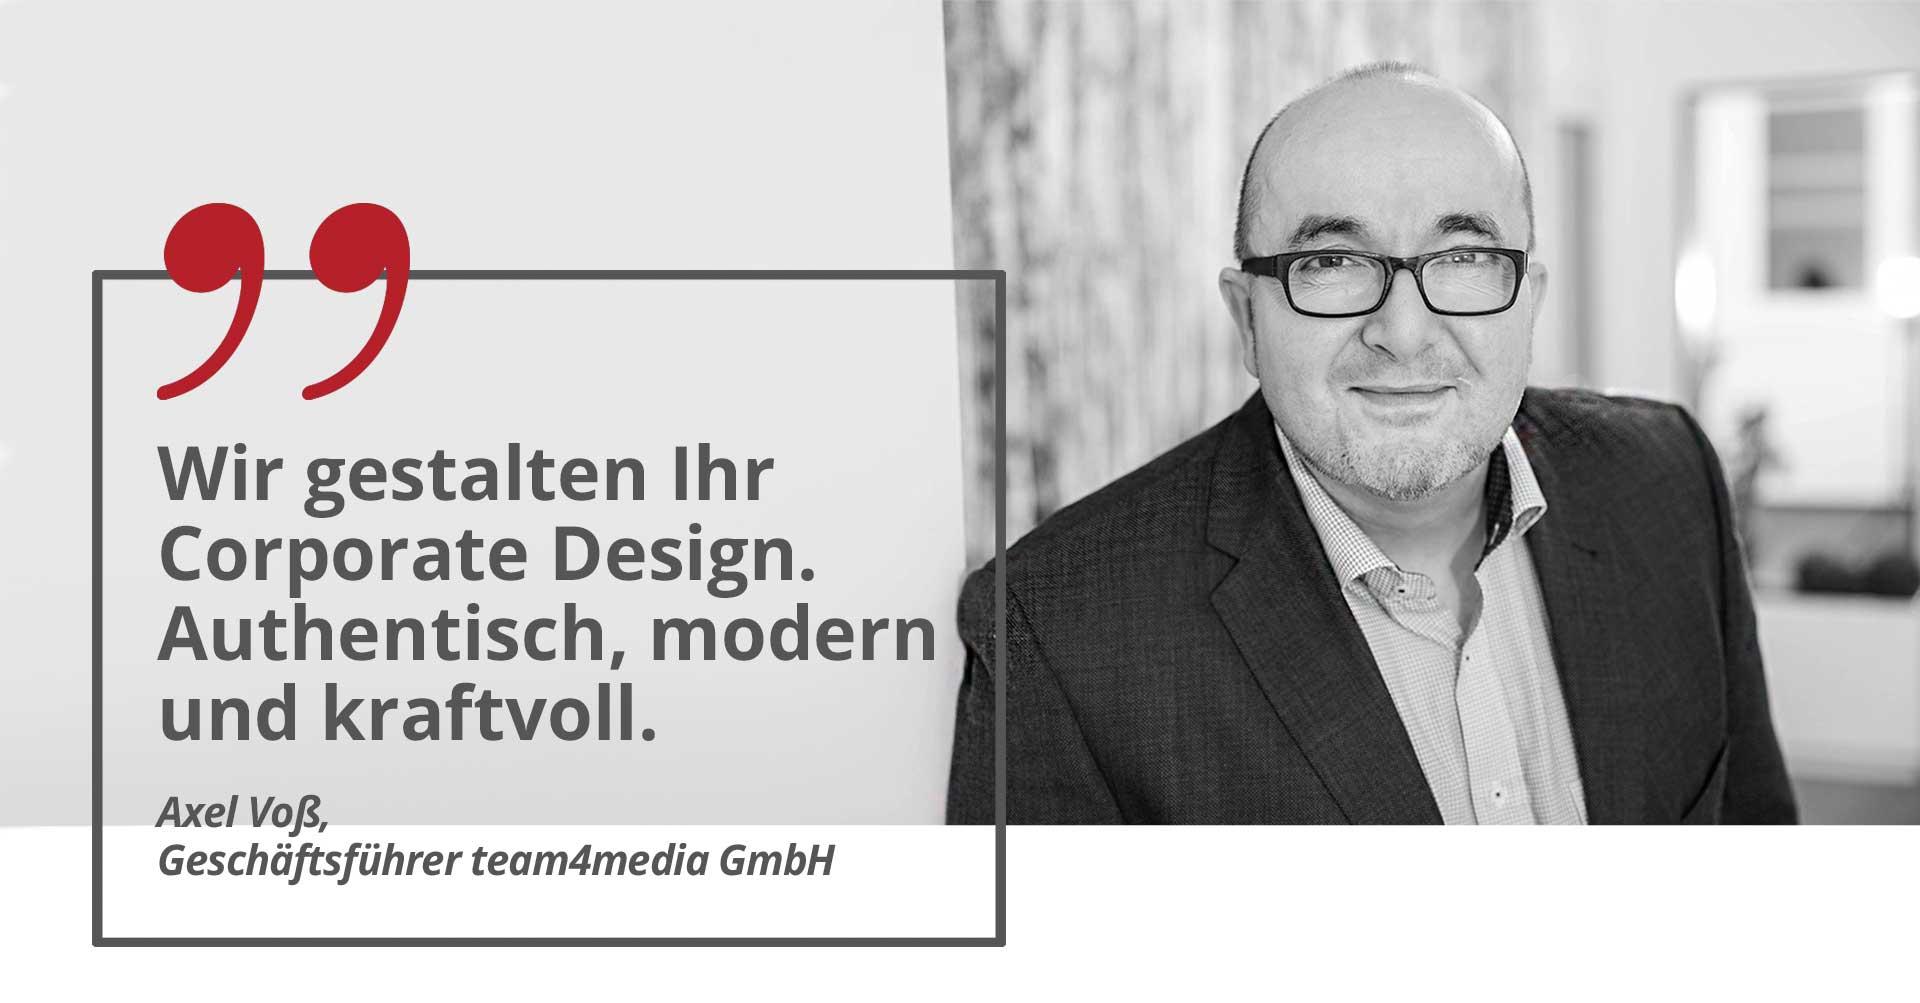 """Axel Voss von team4media mit einem Zitat: """"Wir gestalten Ihr Corporate Design. Authentisch. Modern. Kraftvoll."""""""